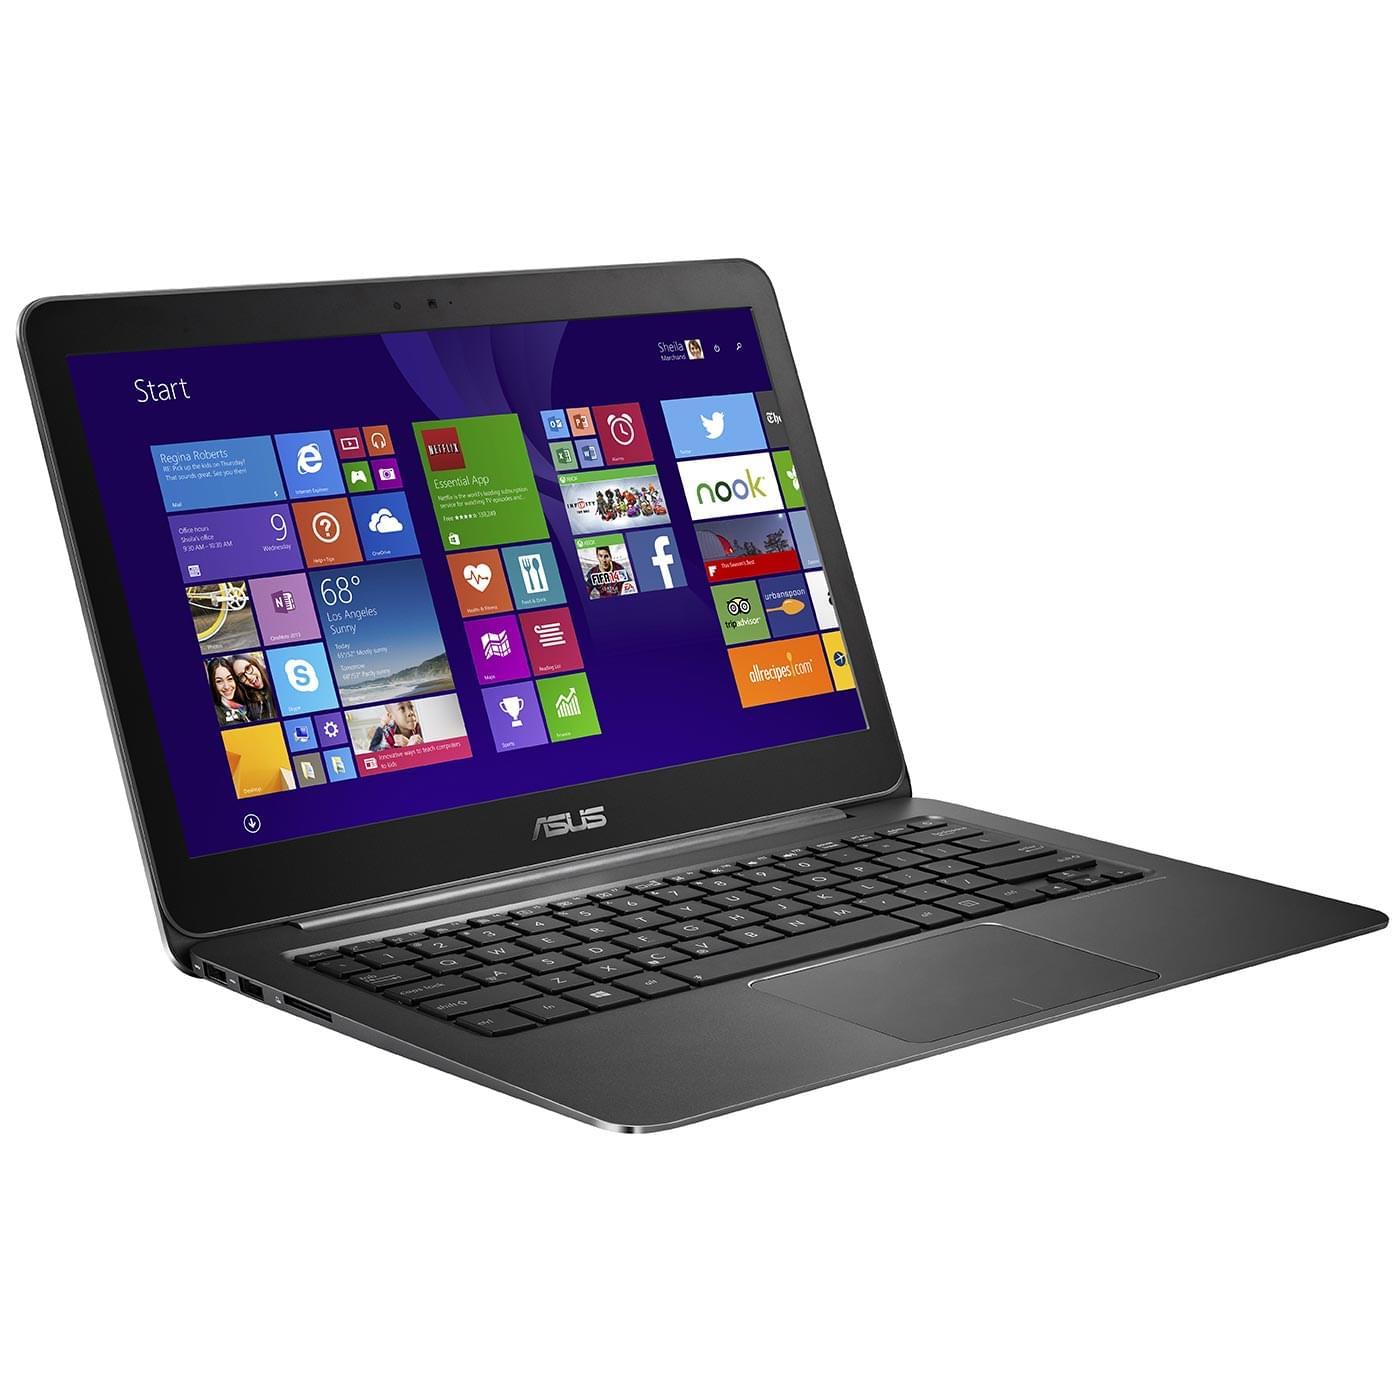 Asus UX305FA-FB003P - PC portable Asus - Cybertek.fr - 0